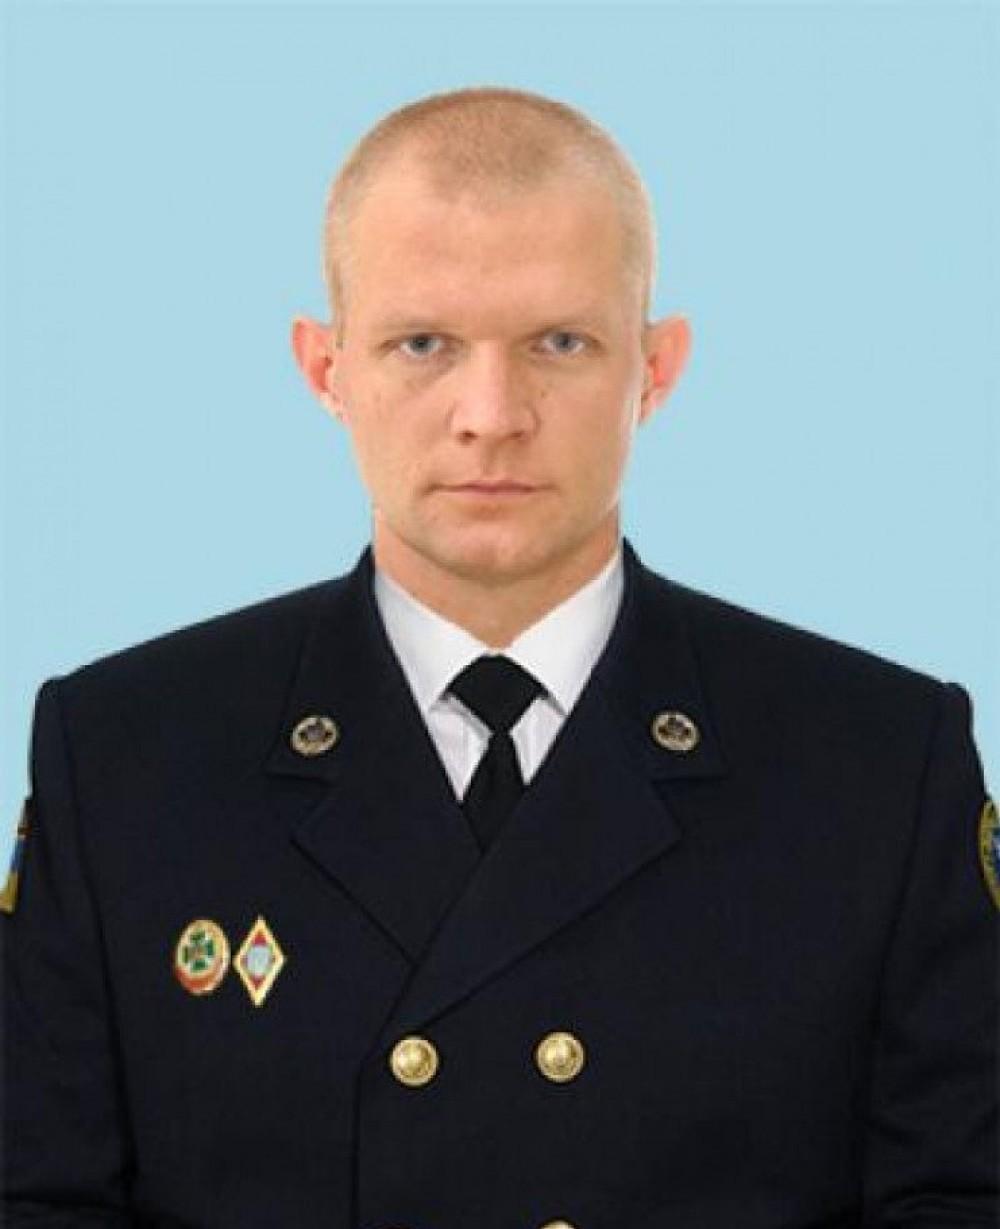 Мог пропасть из-за карточного долга // Подробности исчезновения начальника штаба Морской охраны Черткова